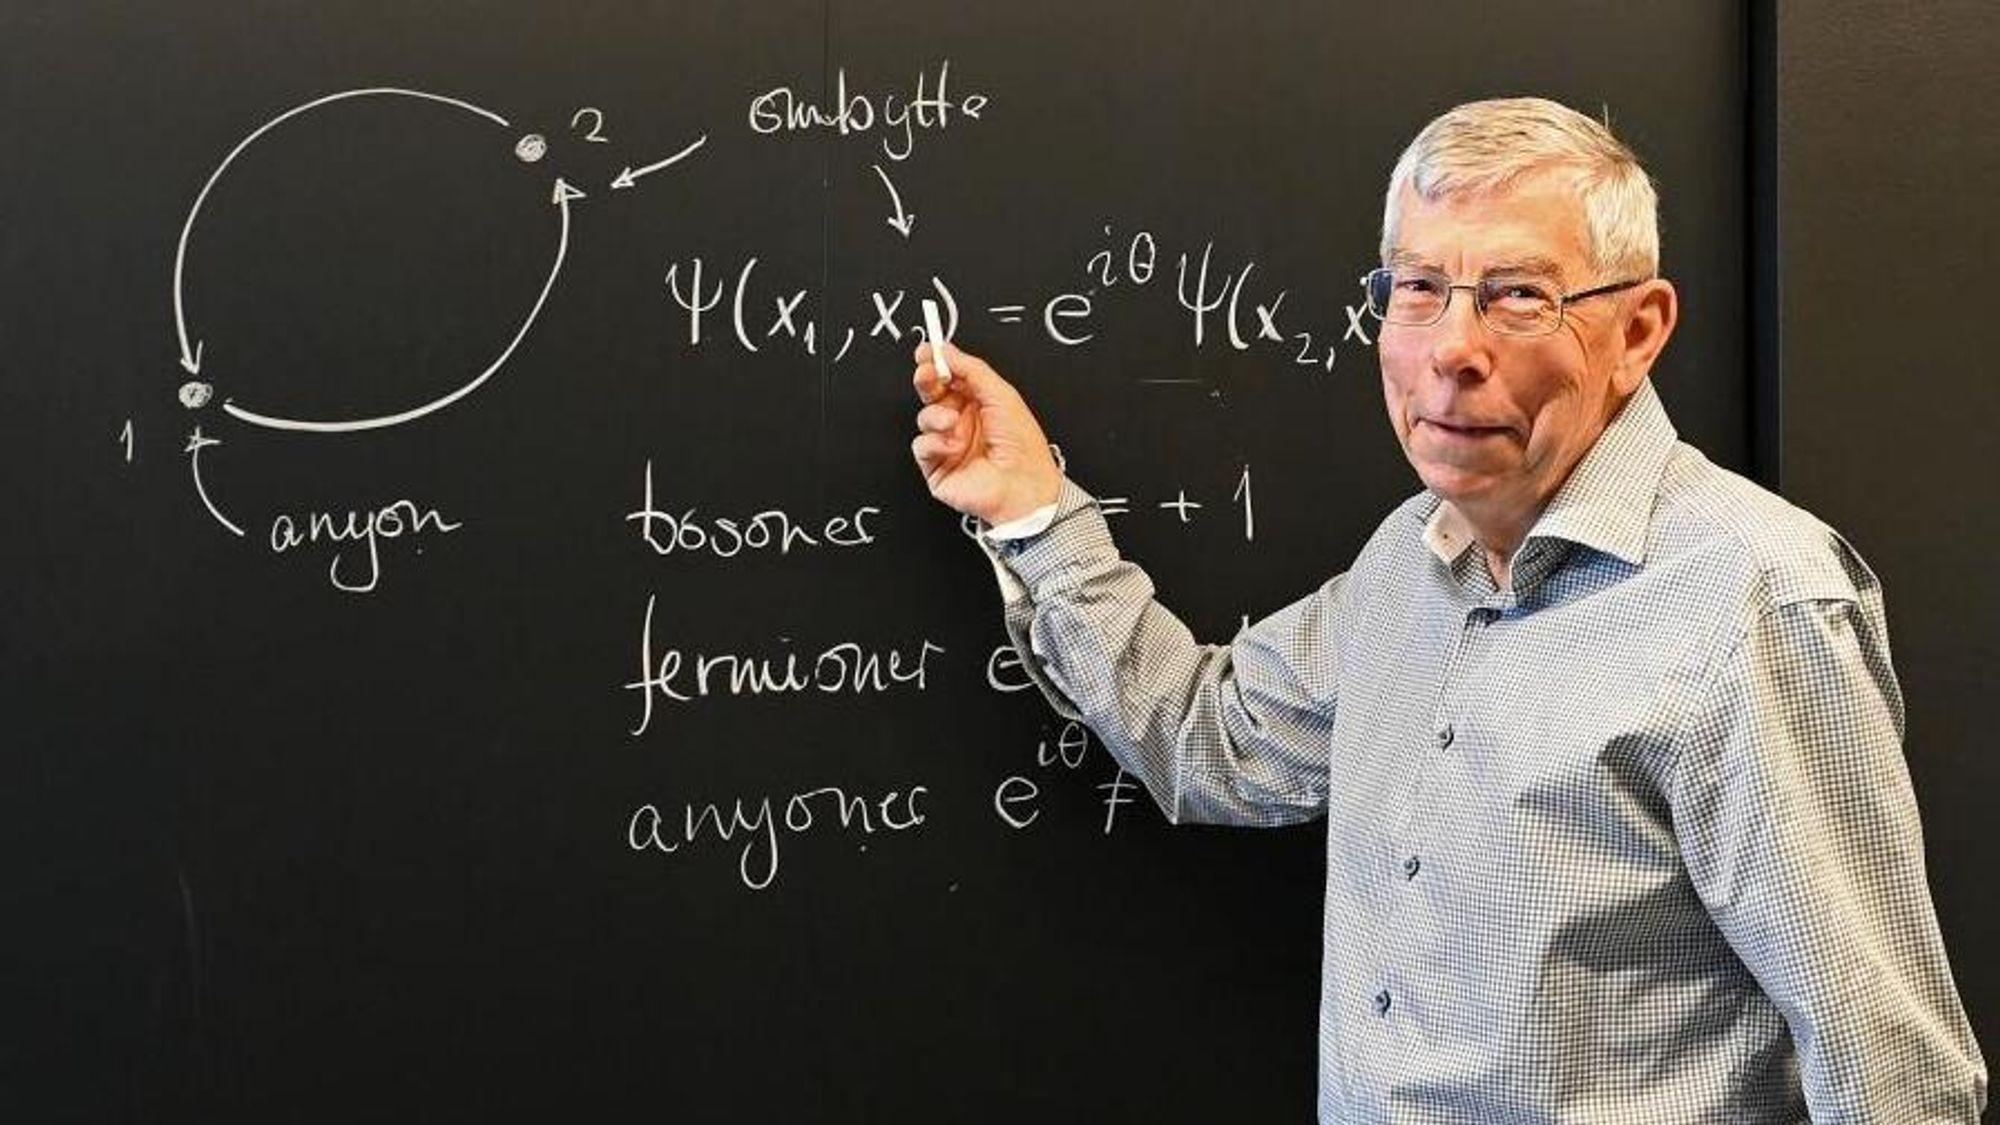 Jon Magne Leinaas overlater til andre å svare på om de nye eksperimentene er et gjennombrudd for anyon-teorien.